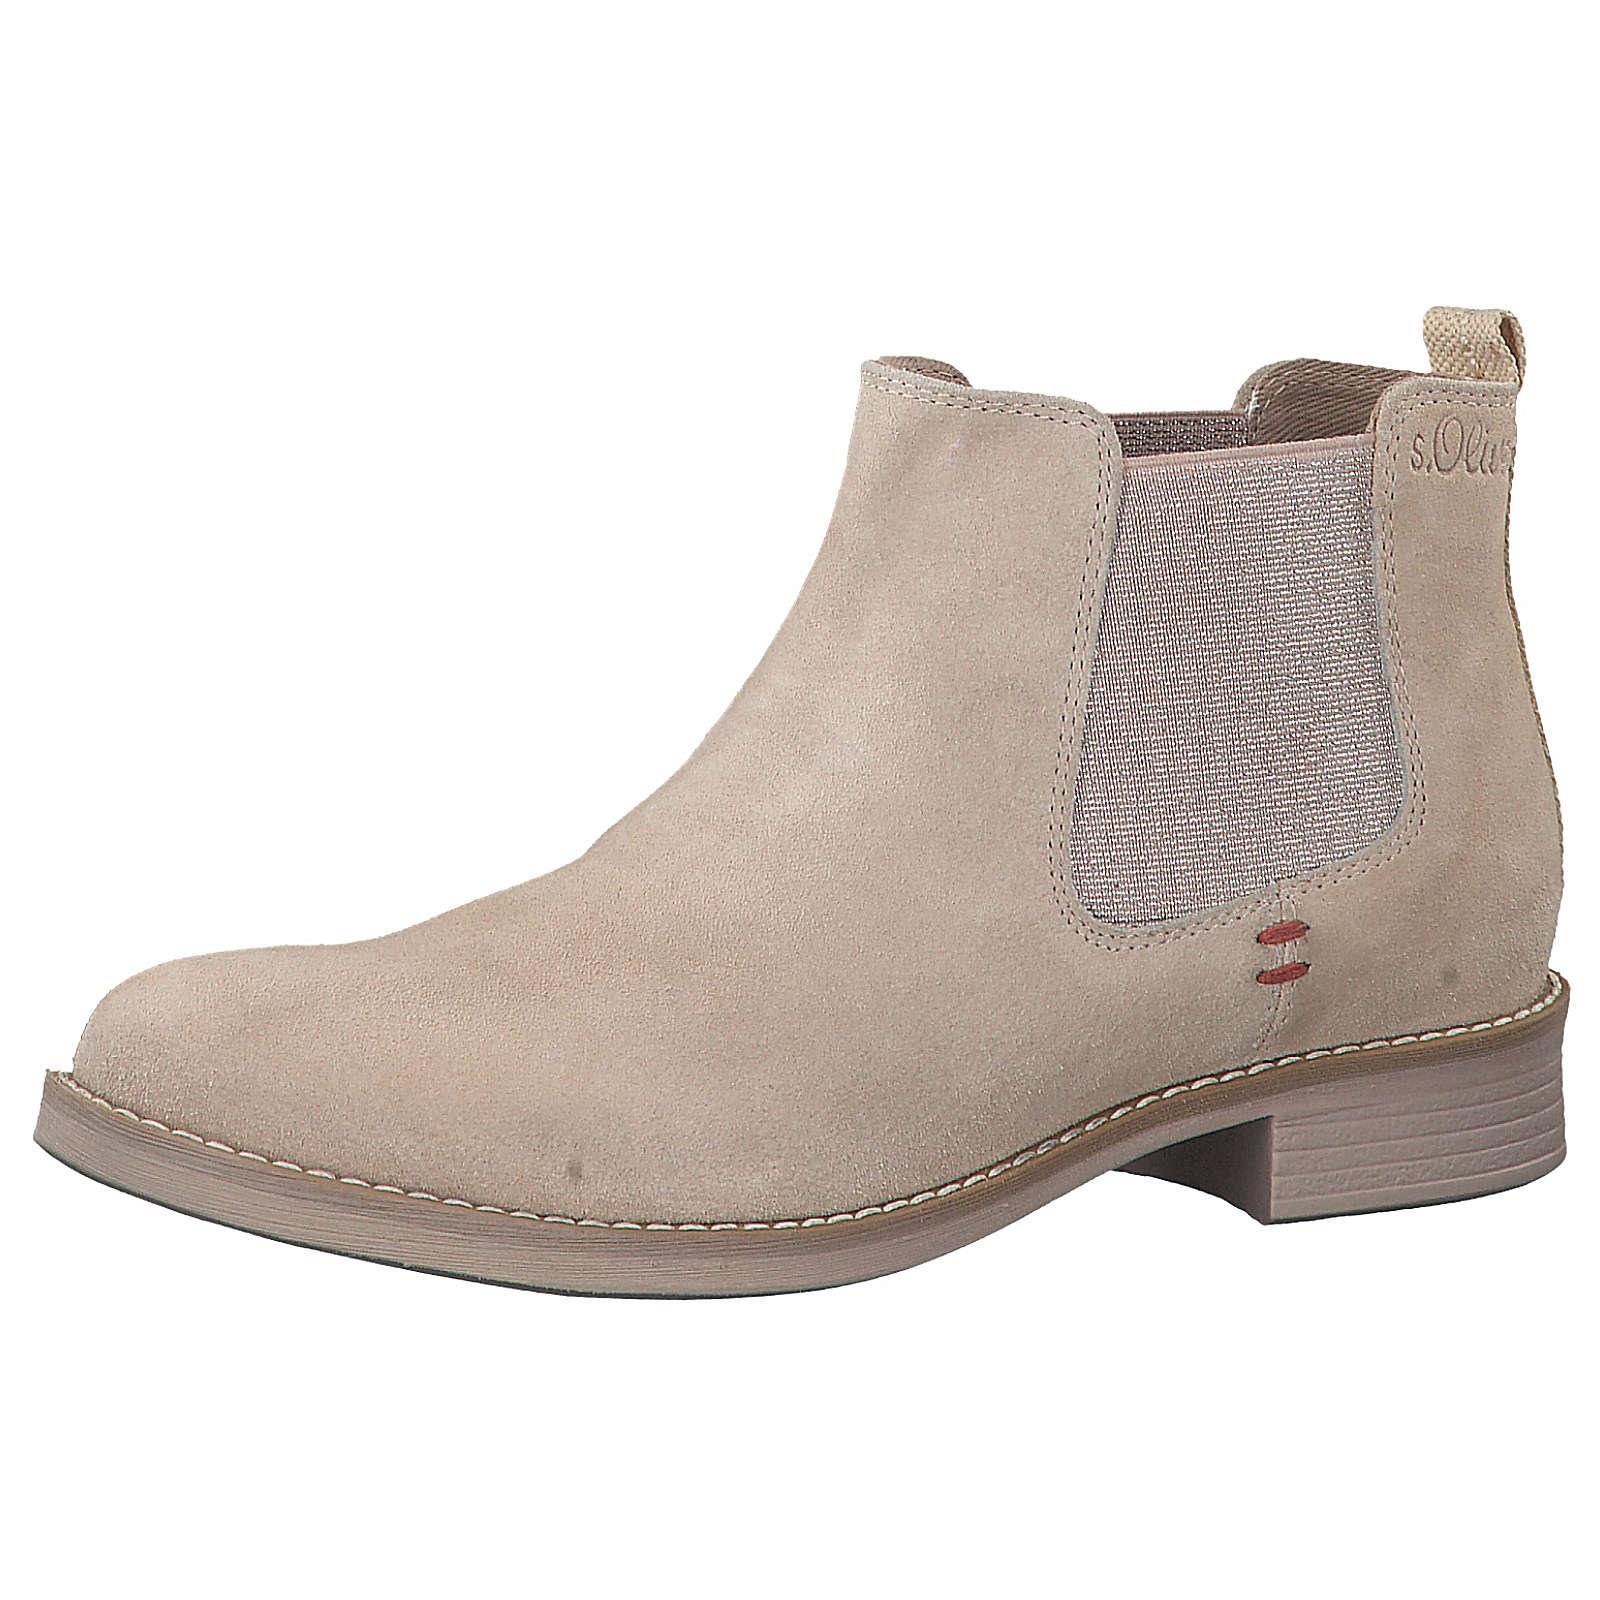 s.Oliver Chelsea Boots beige Damen Gr. 40